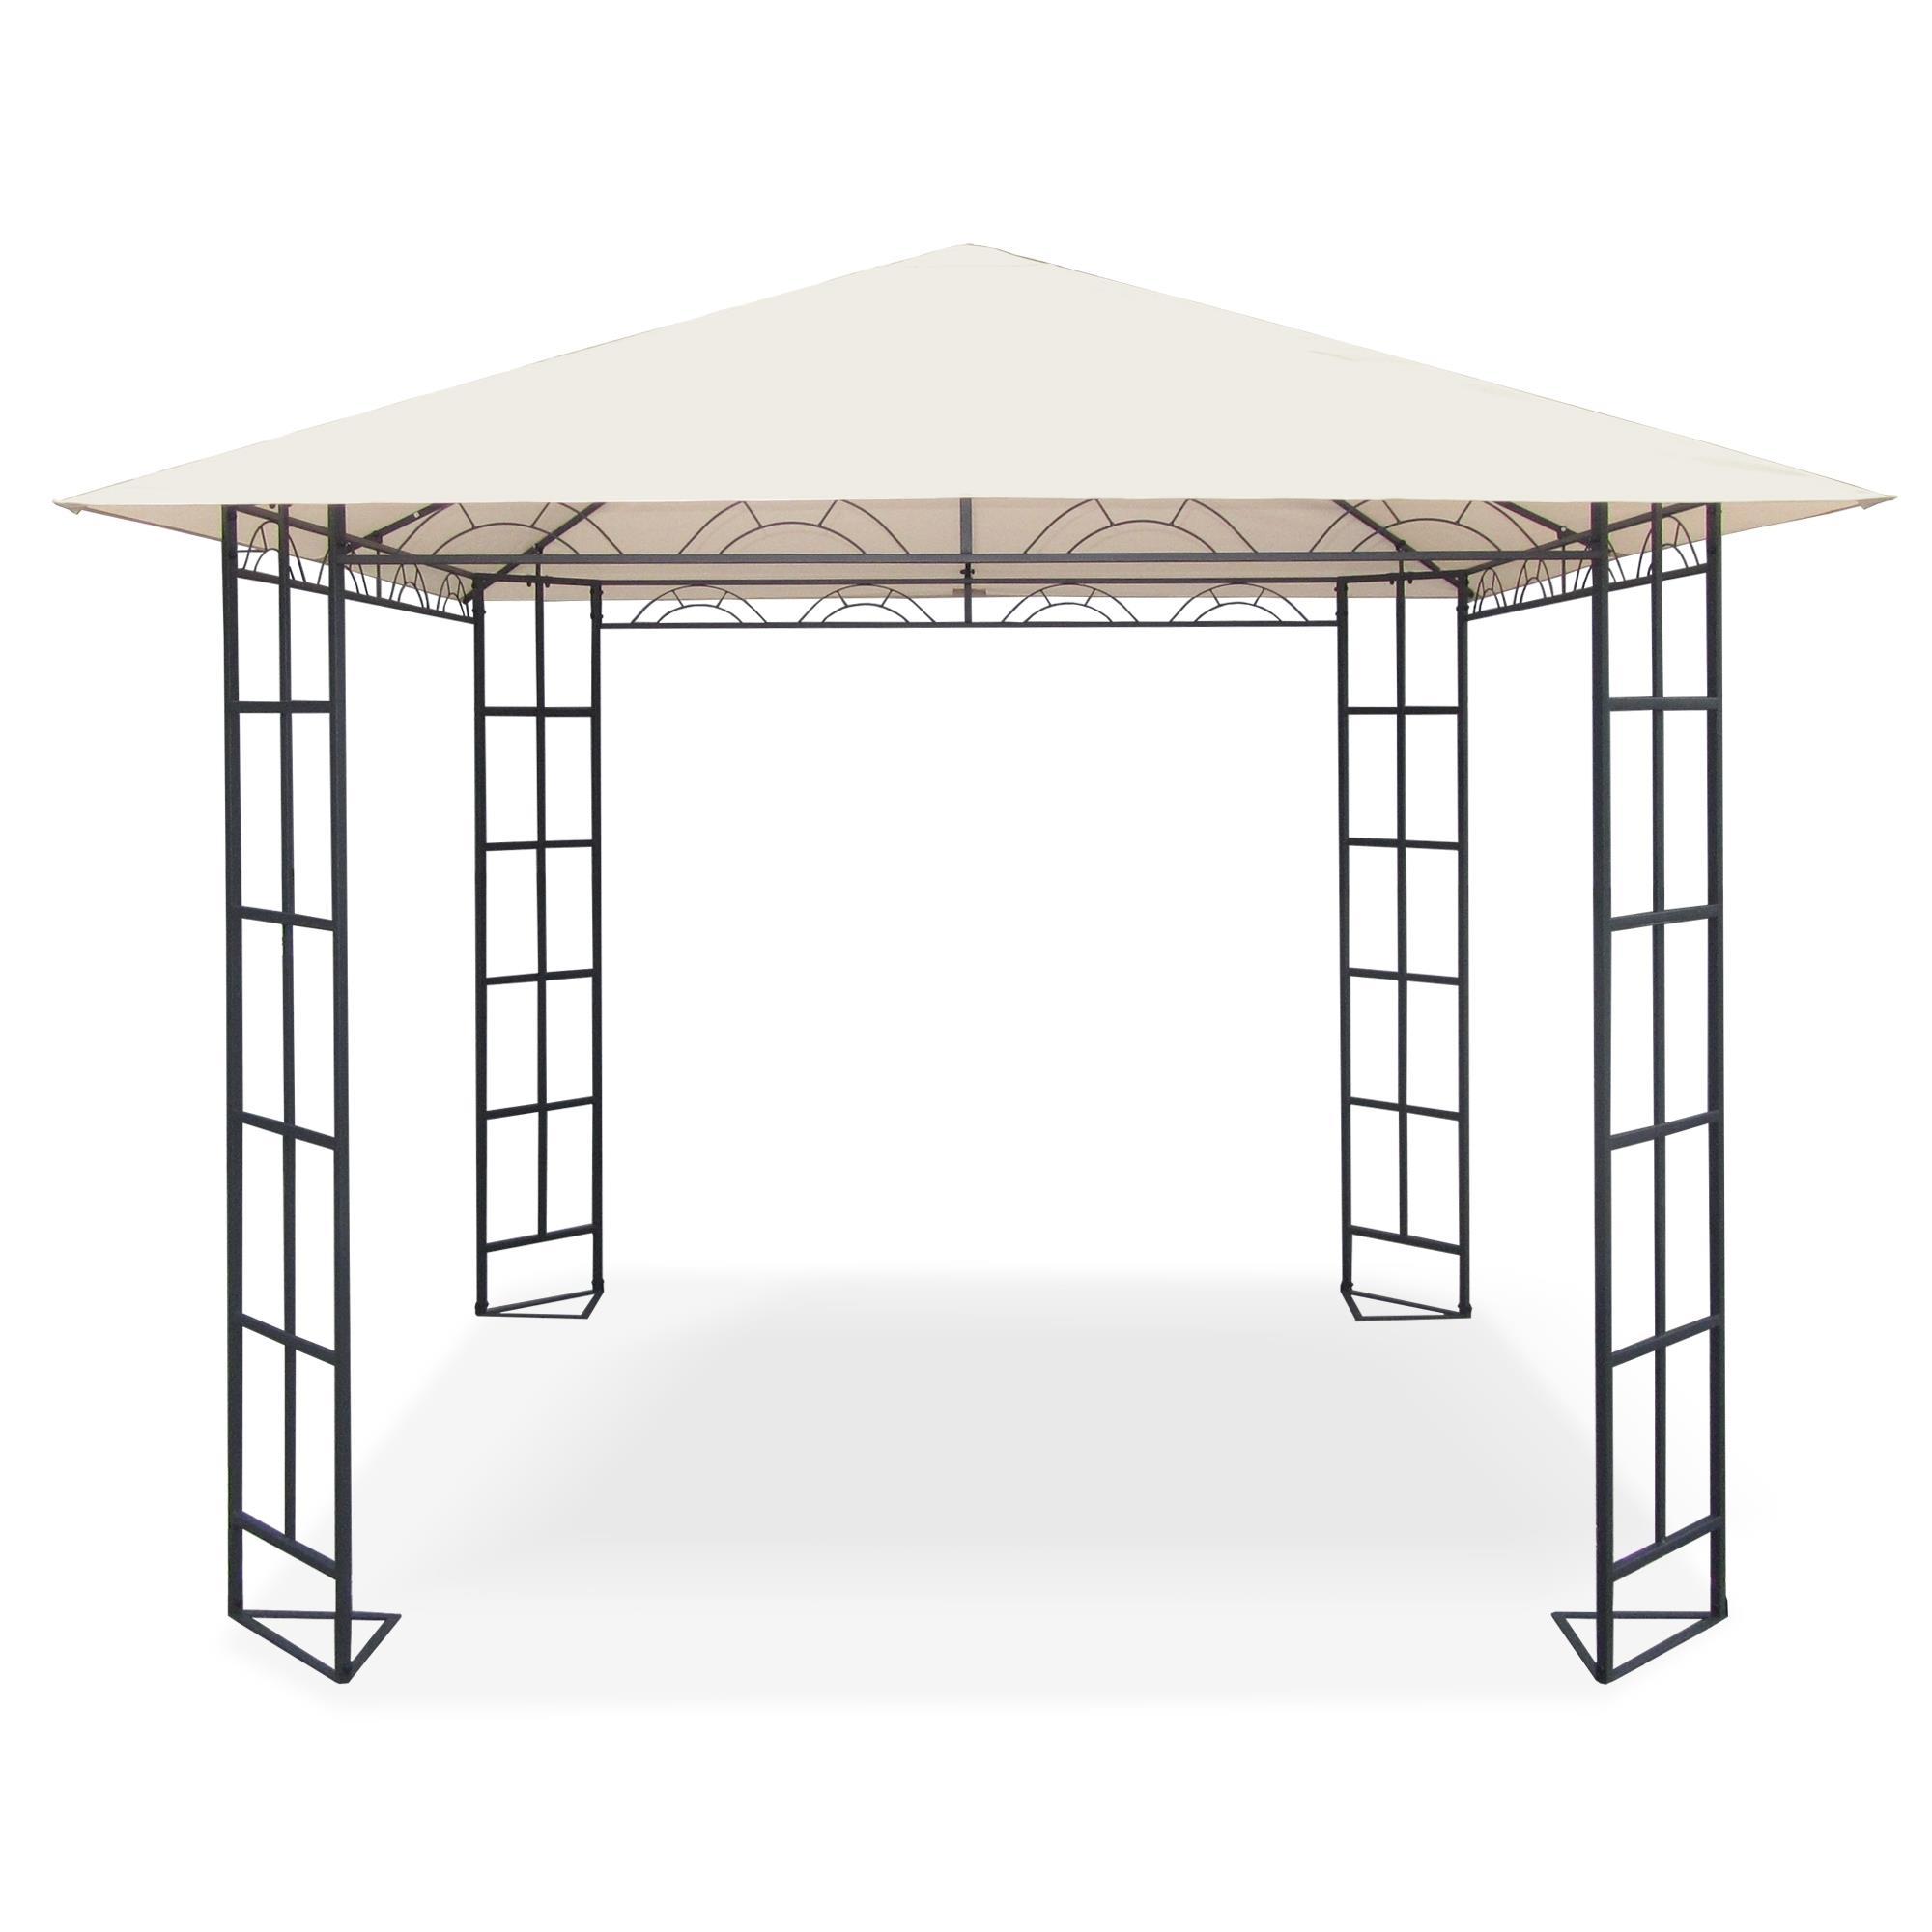 gartenpavillon 2 x 3 bestseller shop. Black Bedroom Furniture Sets. Home Design Ideas